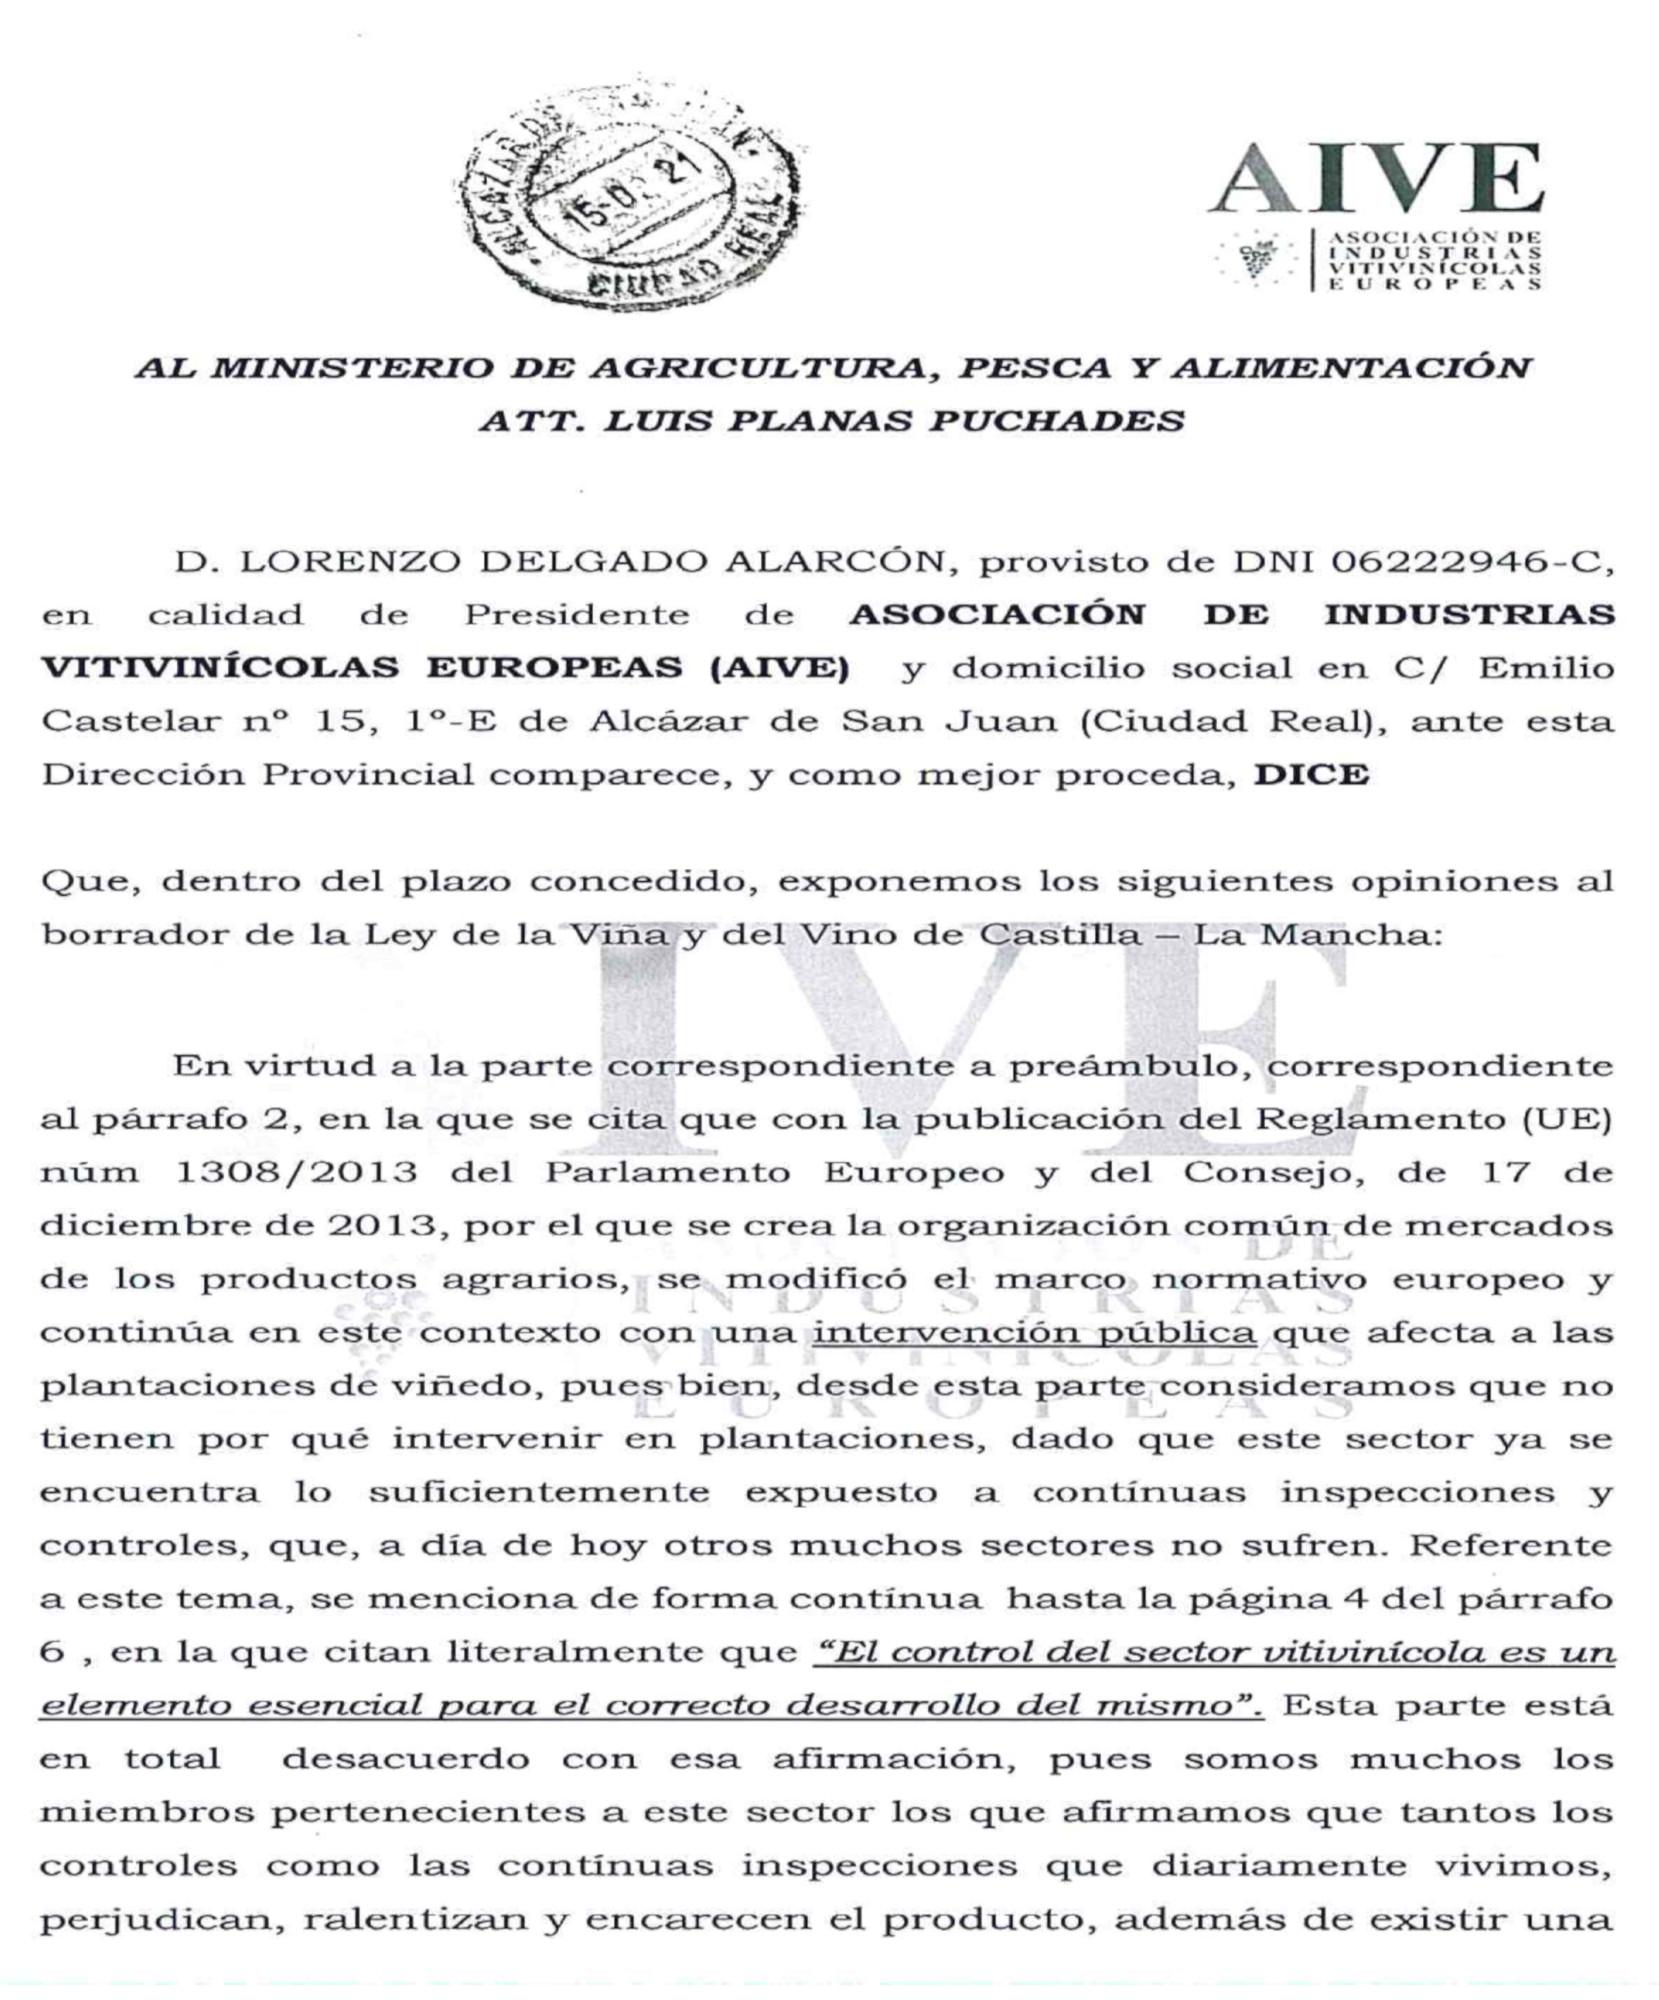 Observaciones a la Ley de la Viña y el Vino de Castilla La Mancha